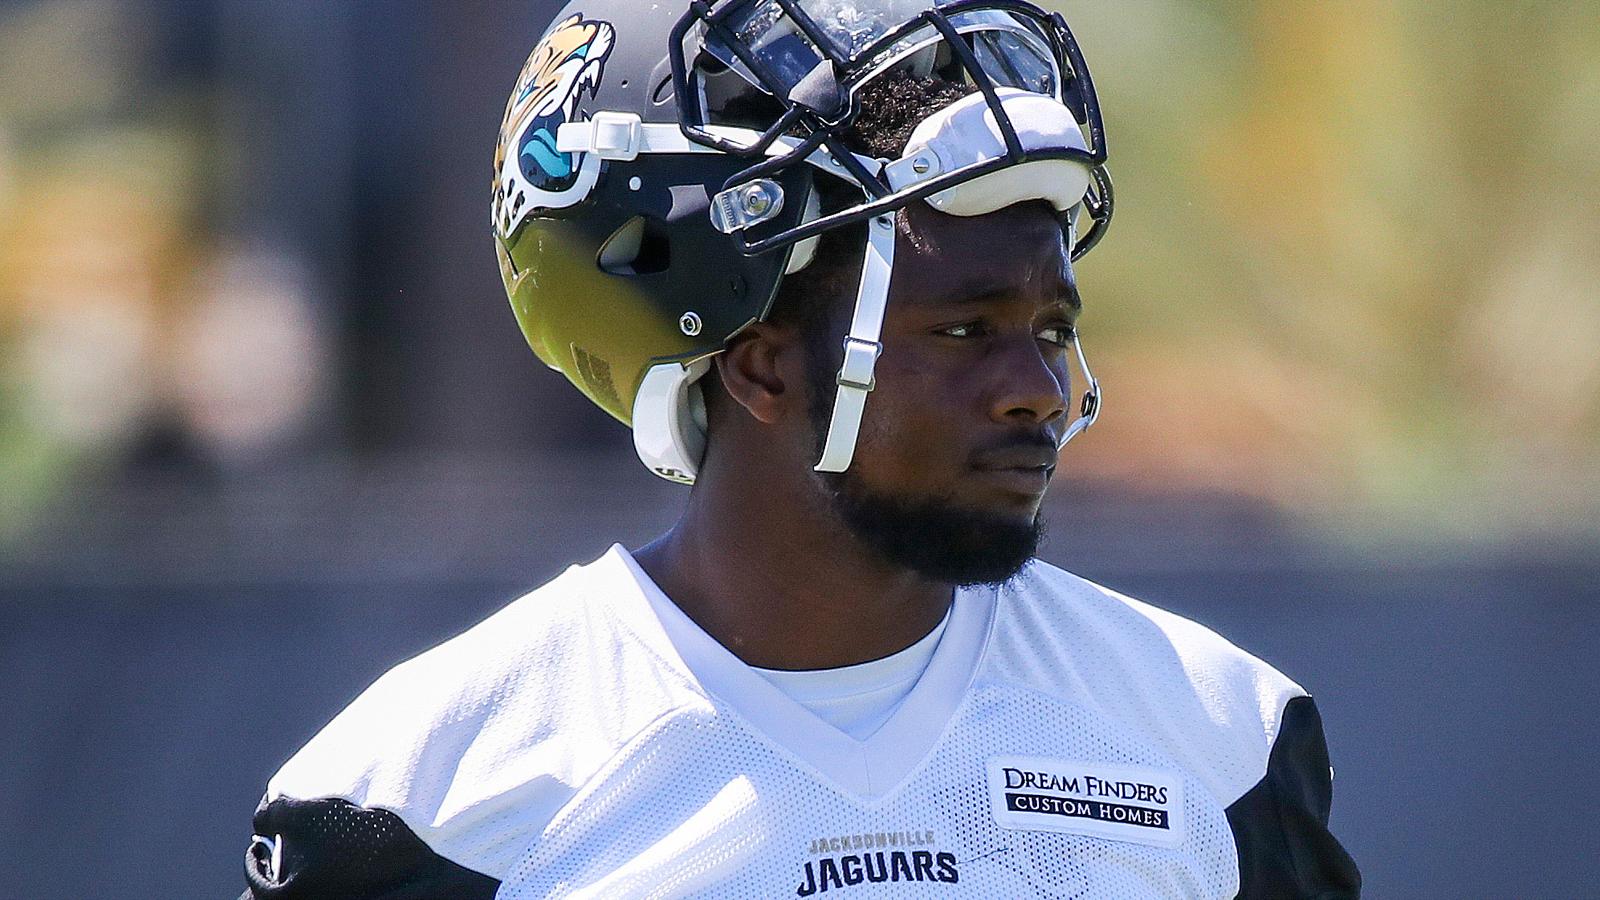 Jaguars defensive end Dante Fowler Jr. apologizes following arrest